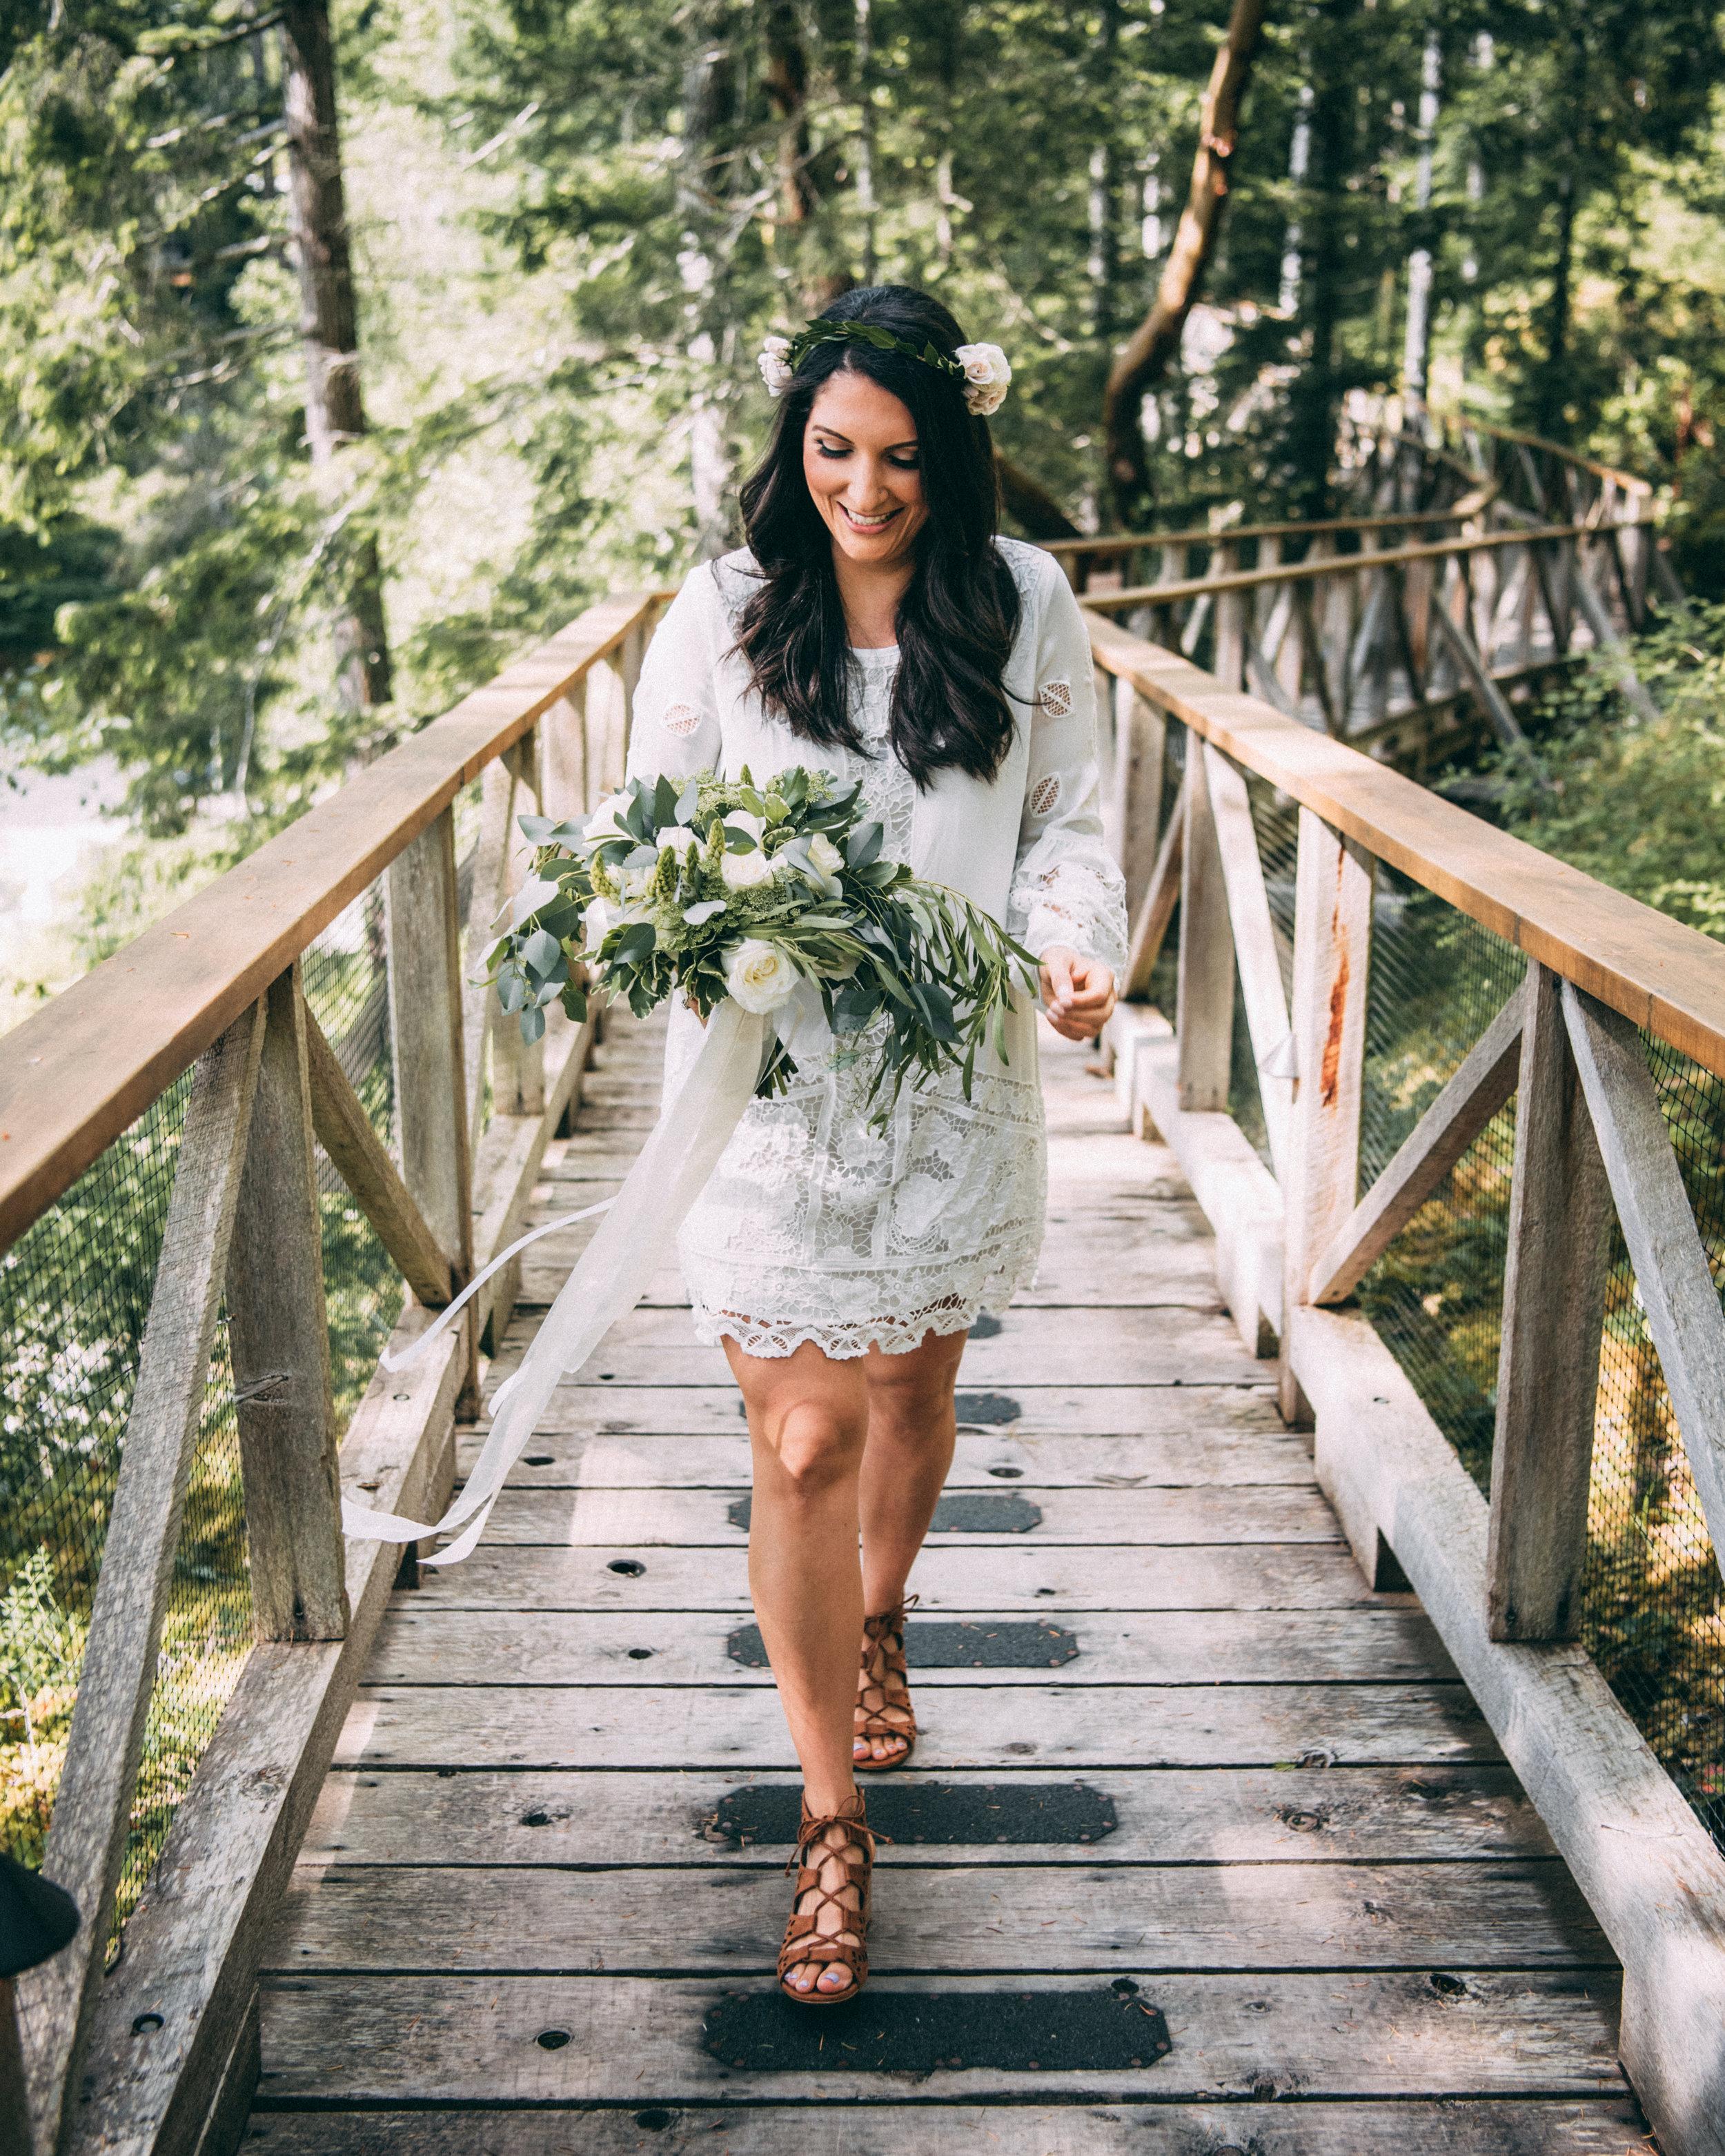 Erik & Jesse Leonhard Wedding - October 13, 2018 - Laura Olson Photography - Sunshine Coast BC Photographer-3513.jpg